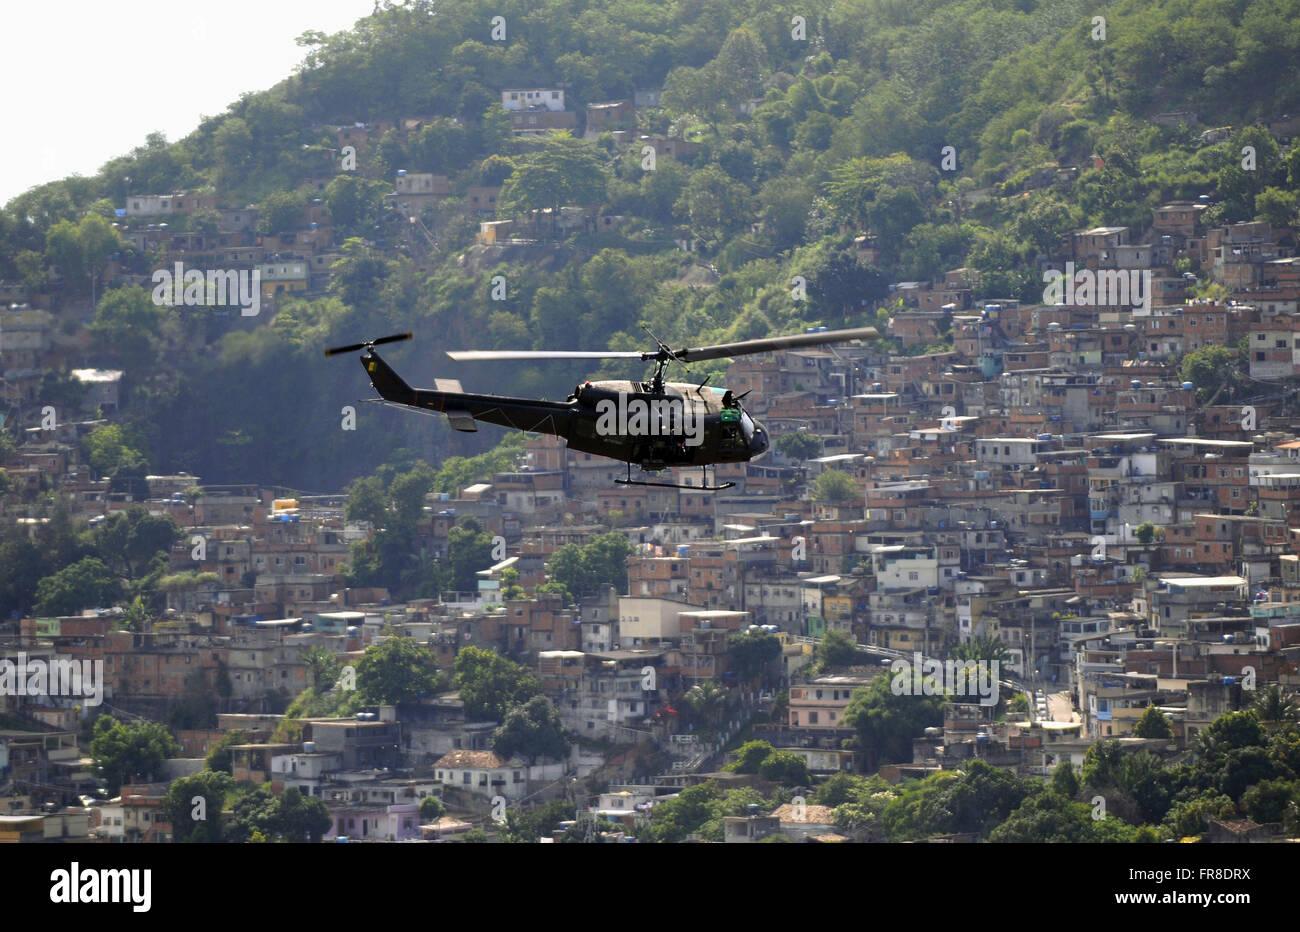 FAB helicopter flying over the Vila Cruzeiro slum in the Penha neighborhood - Stock Image